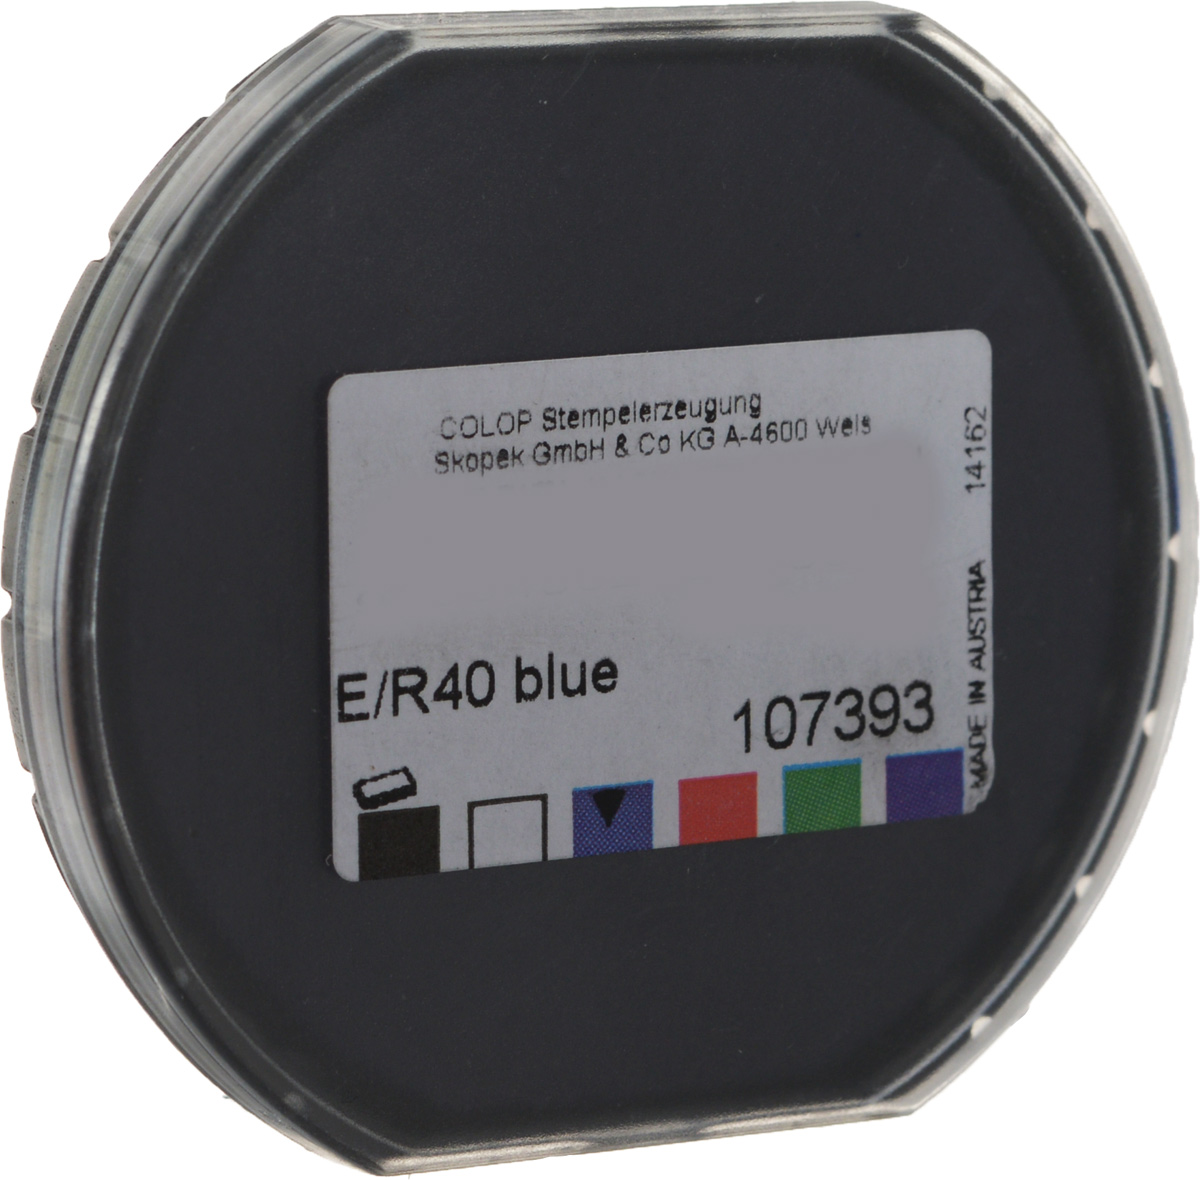 Colop Сменная штемпельная подушка E/R40 цвет синий colop настольная штемпельная подушка цвет синий 90 х 160 мм